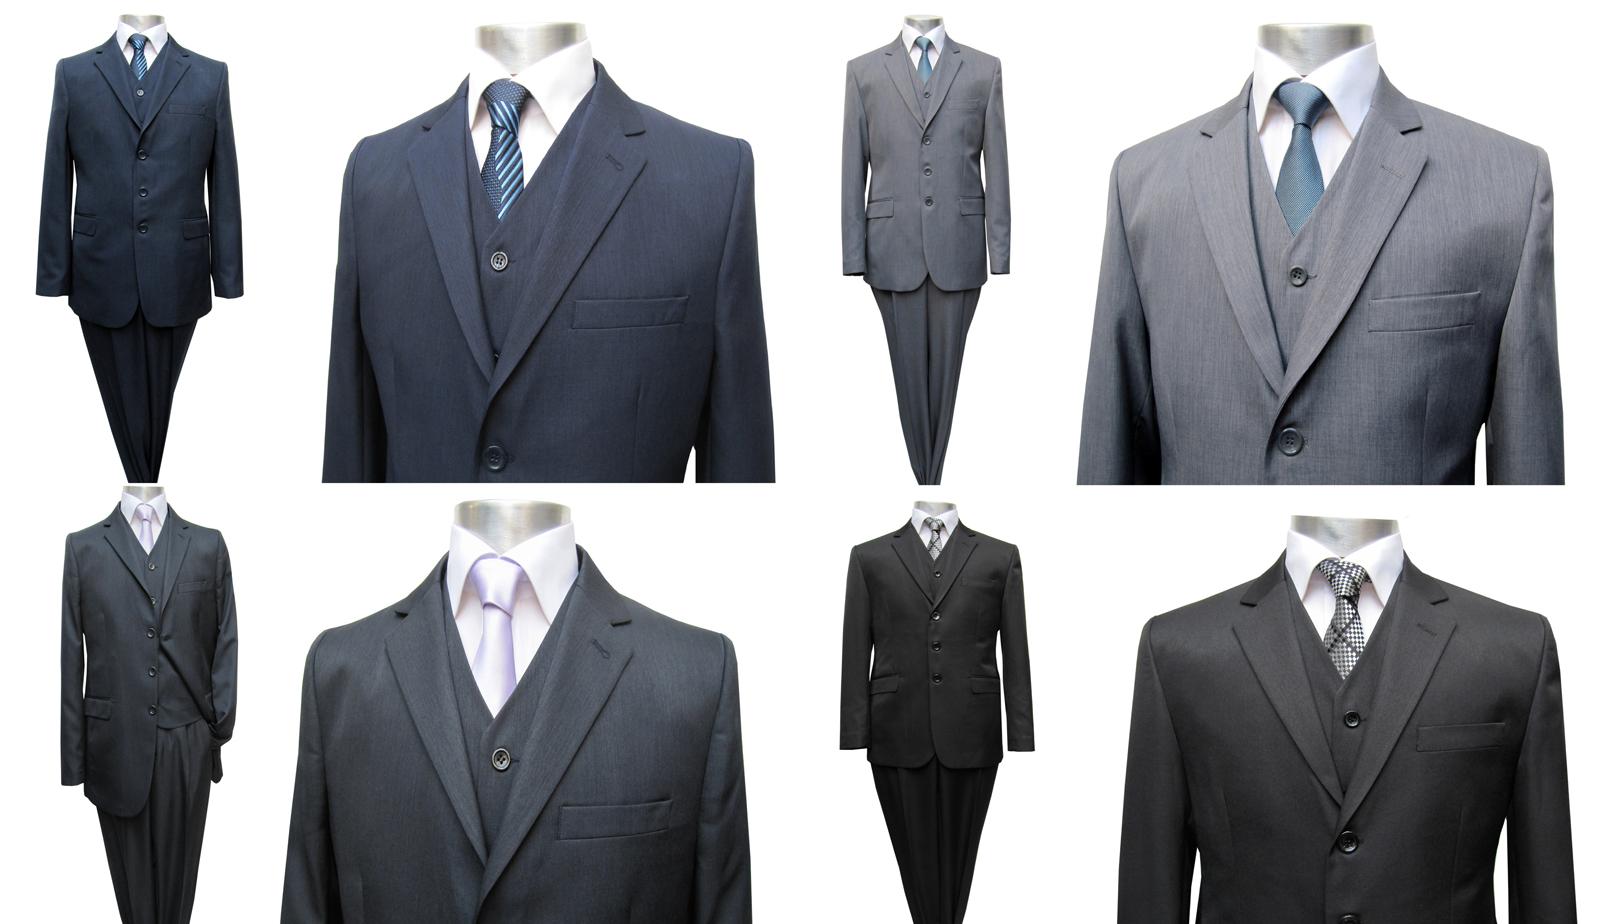 Les costumes pour hommes 3 pièces 100  9baaca62b59